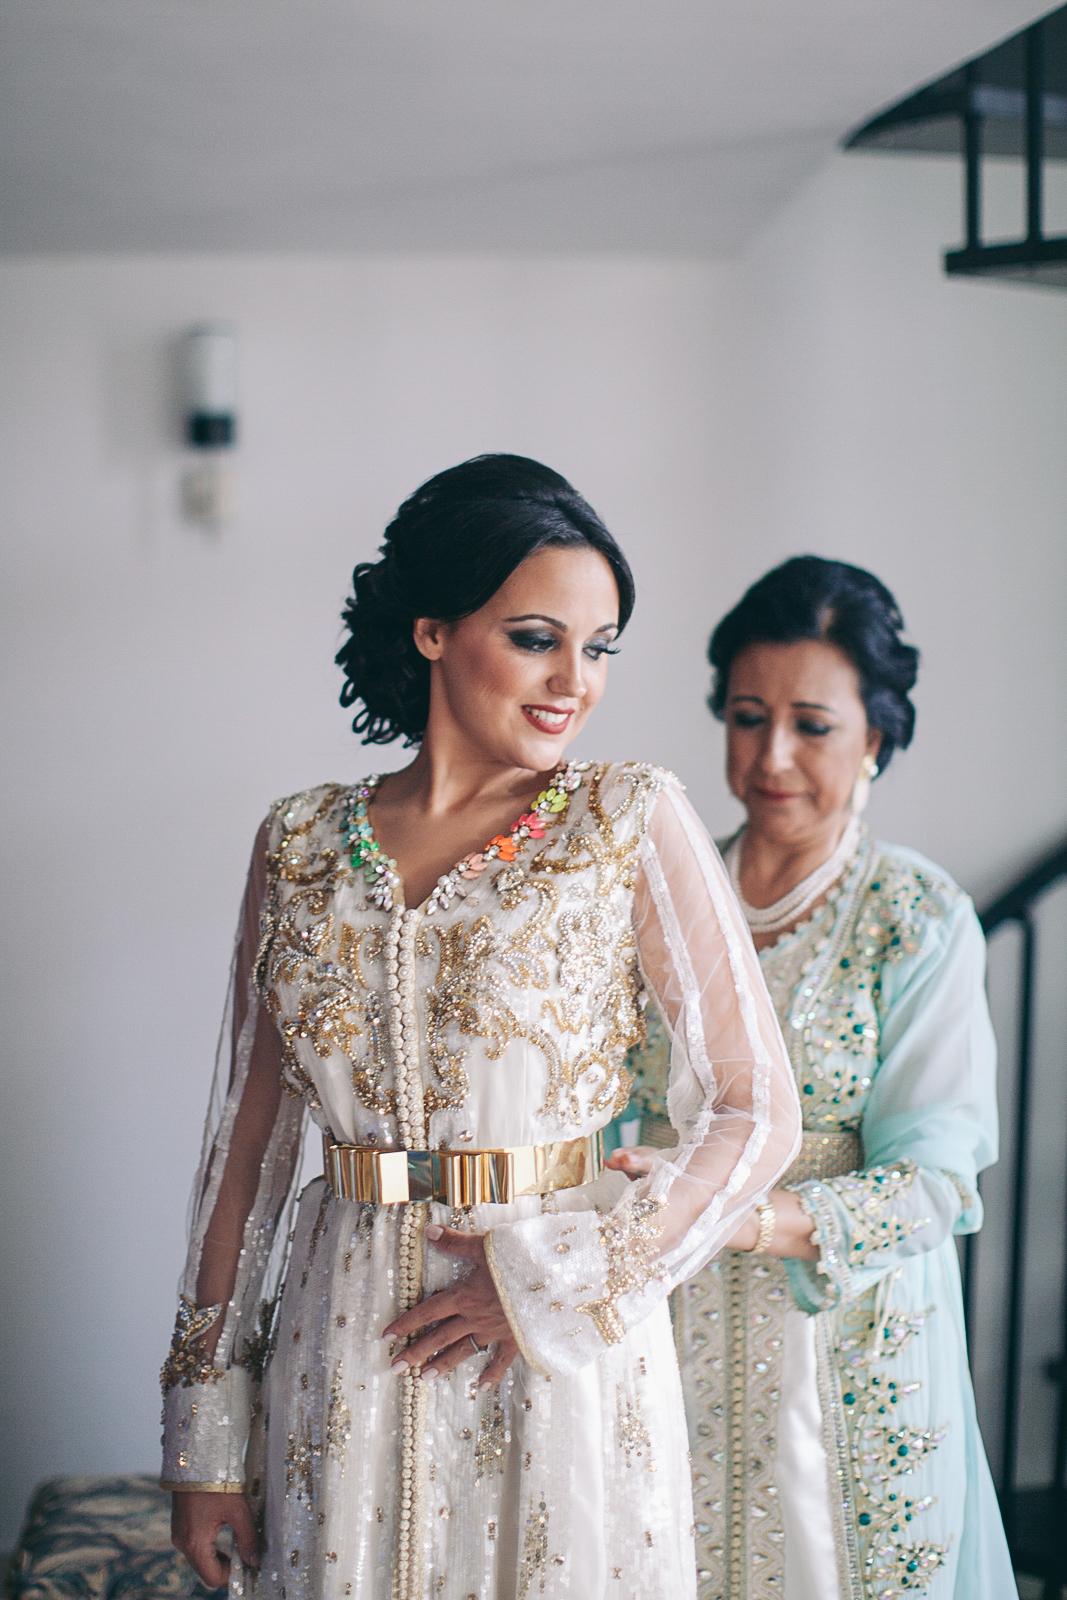 traditional_moroccan_wedding_photographry_casablanca_morocco_houda_vivek_ebony_siovhan_bokeh_photography_029.jpg